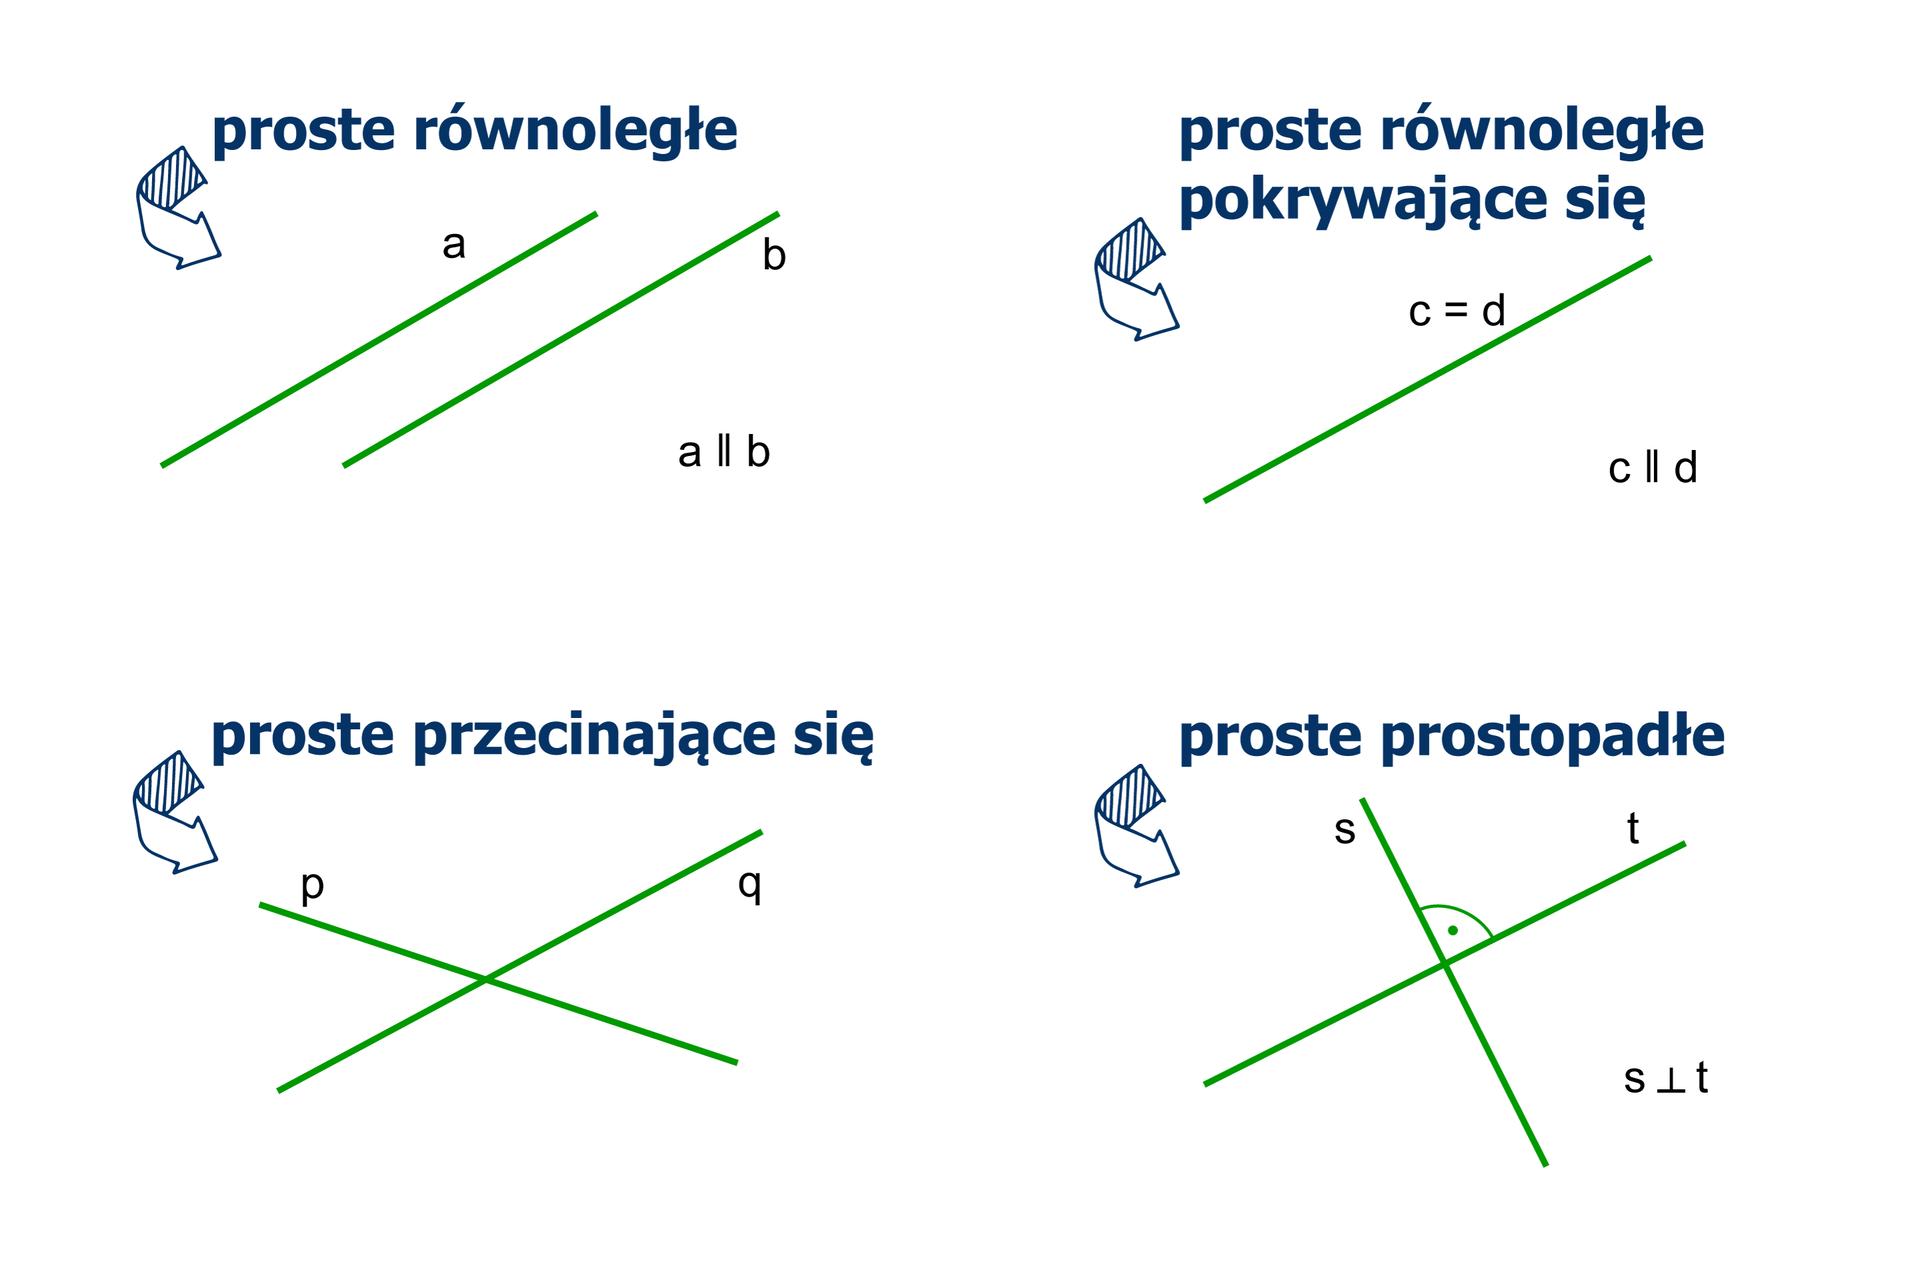 Rysunki prostych. Na pierwszym rysunku dwie proste równoległe aib. Na drugim rysunku proste równoległe pokrywające się cid. Na trzecim rysunku proste przecinające się piq. Na czwartym rysunku proste prostopadłe sit.